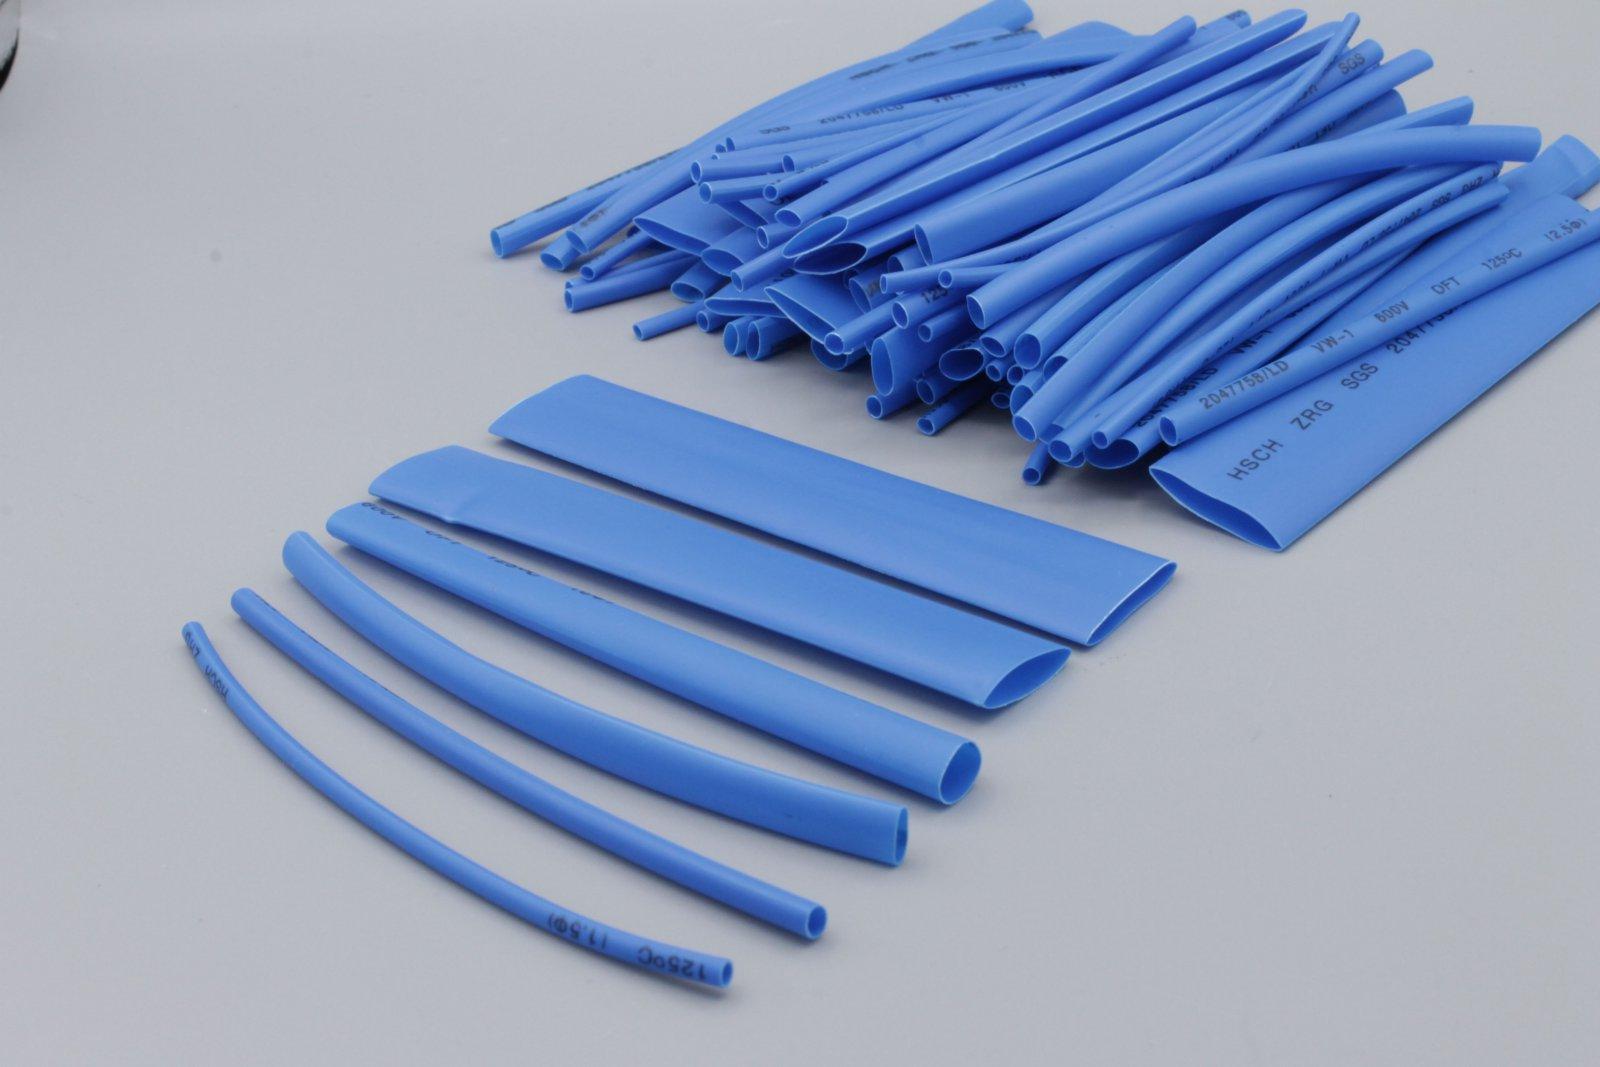 Schrumpfschlauch-Sortiment, 100-tlg Set lose -blau- Schrumpfschläuche Set-Tüte